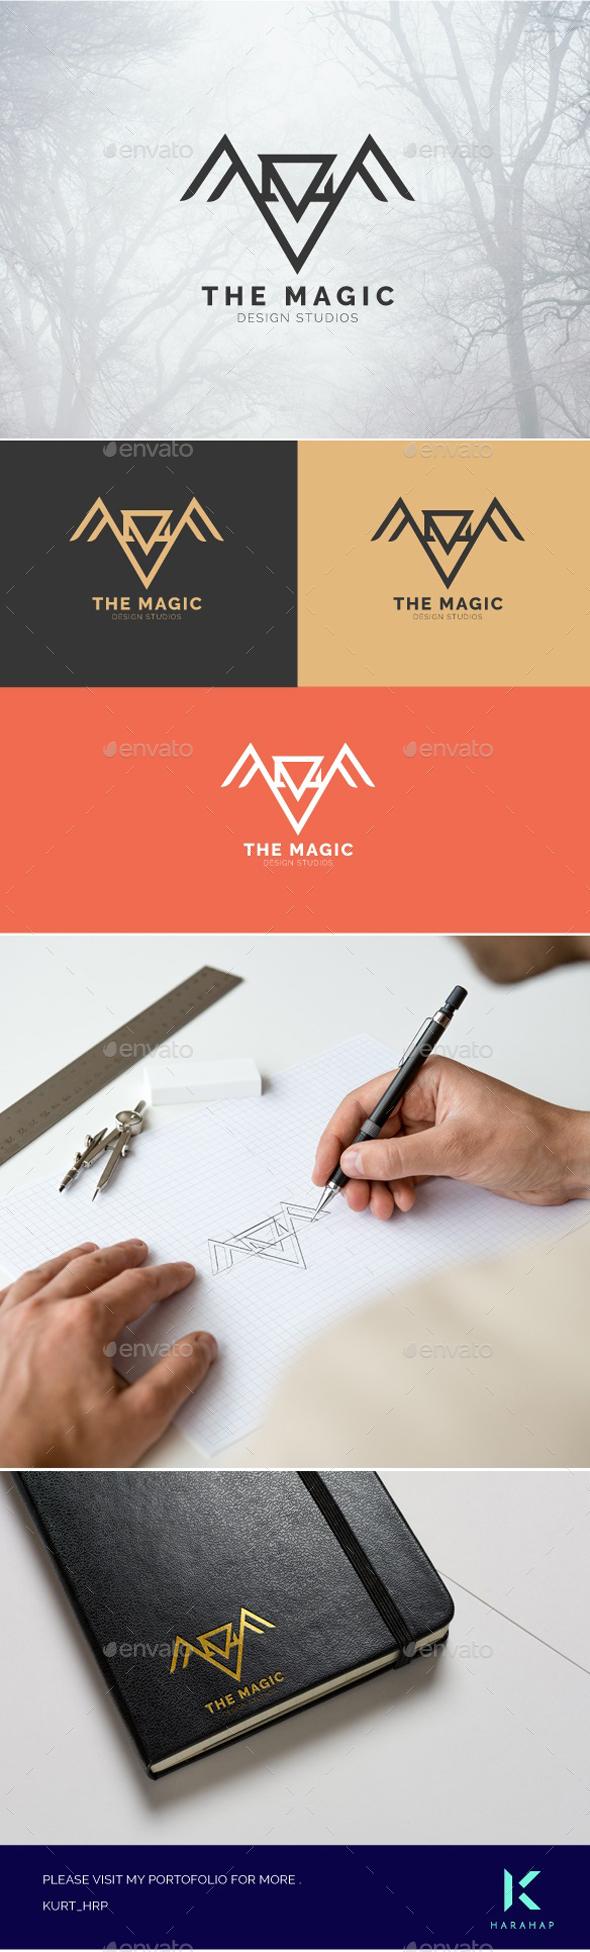 GraphicRiver The Magic Logo 20457206